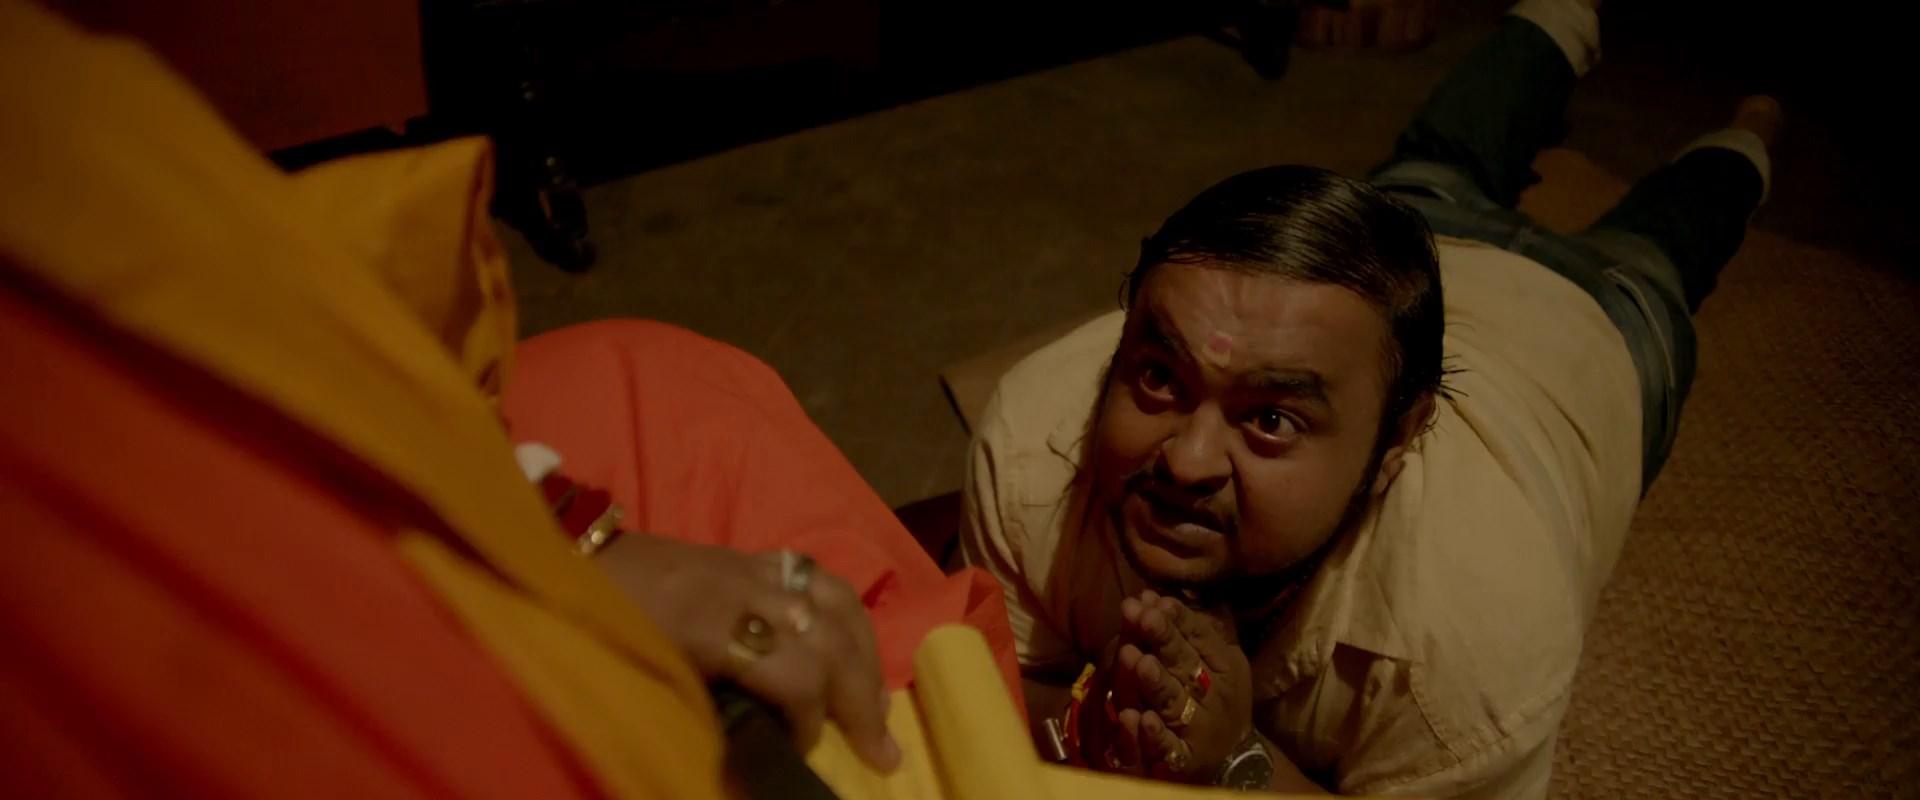 Brahma Janen Gopon Kommoti 2021 Bengali 1080p HDRip 1.8GB.mkv snapshot 00.16.18.177